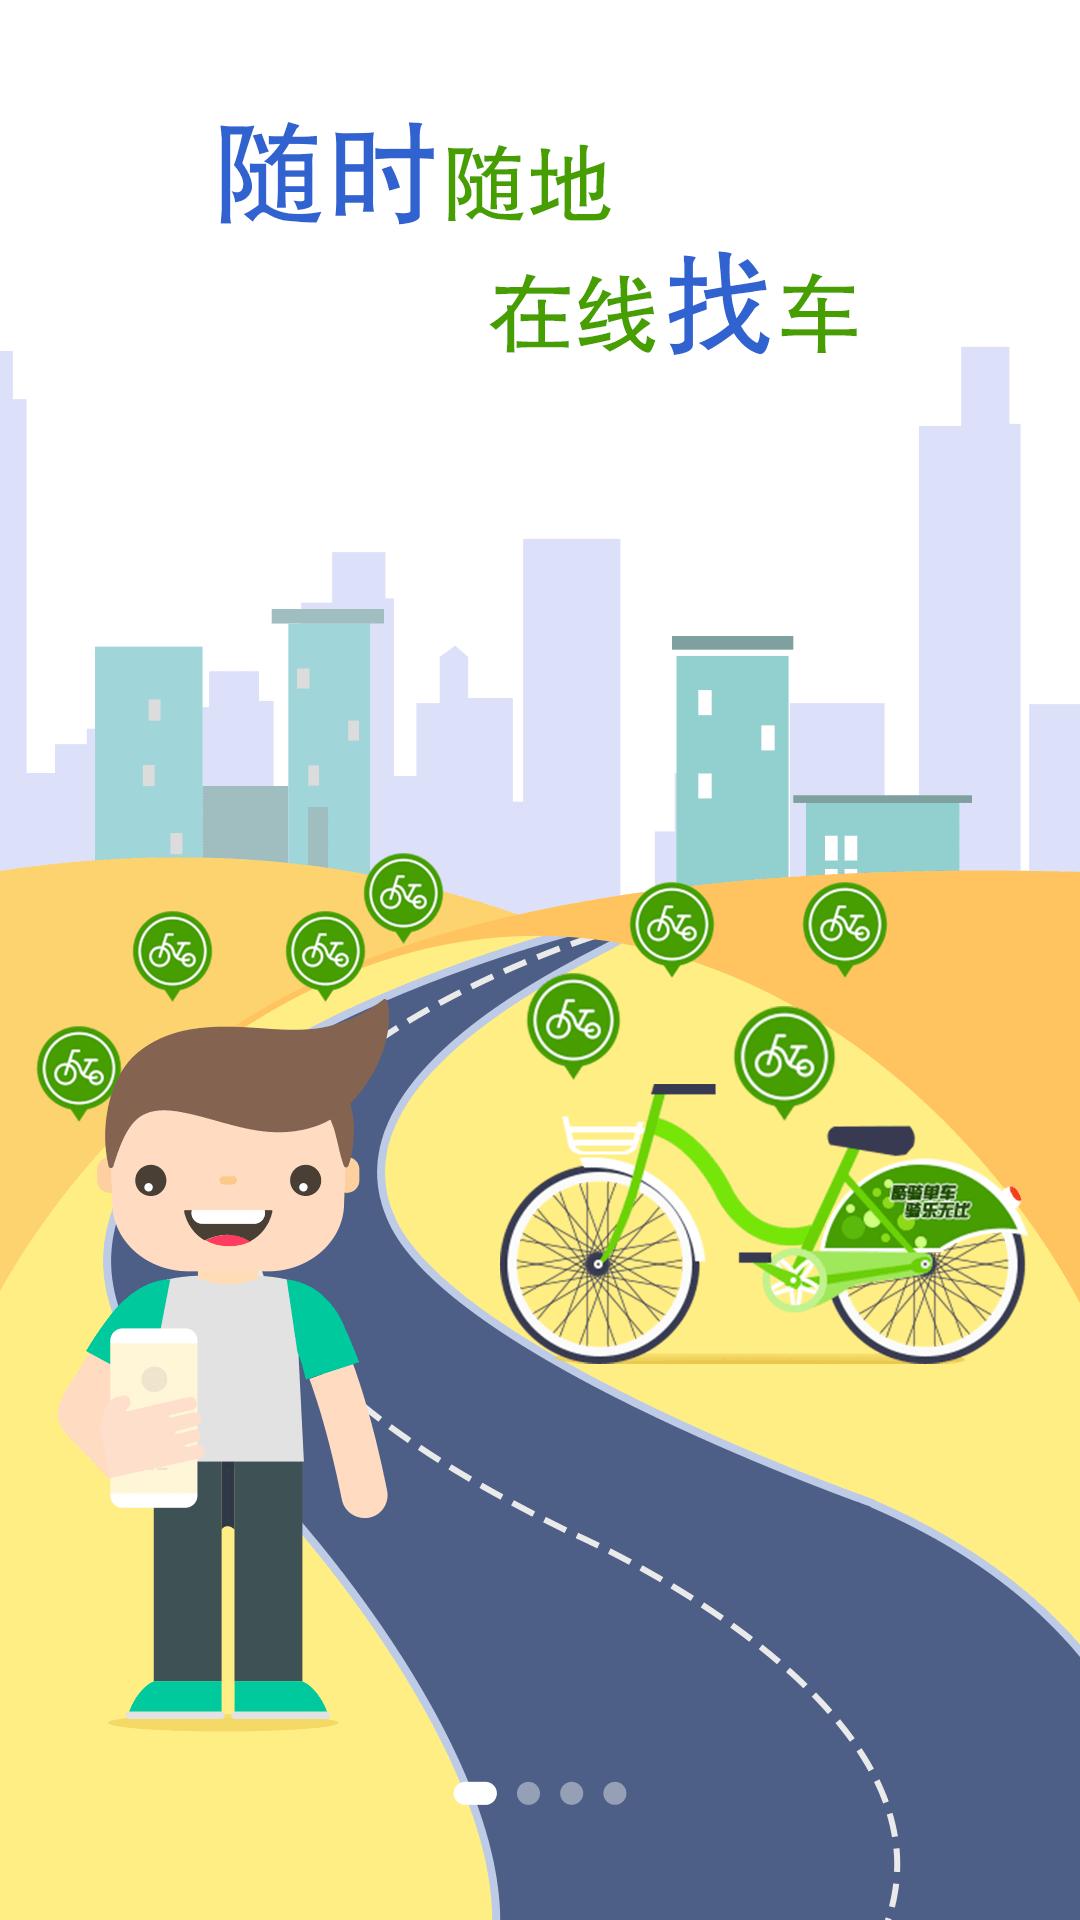 沈阳共享单车的押金是多少?沈阳共享单车的押金收费情况[图]